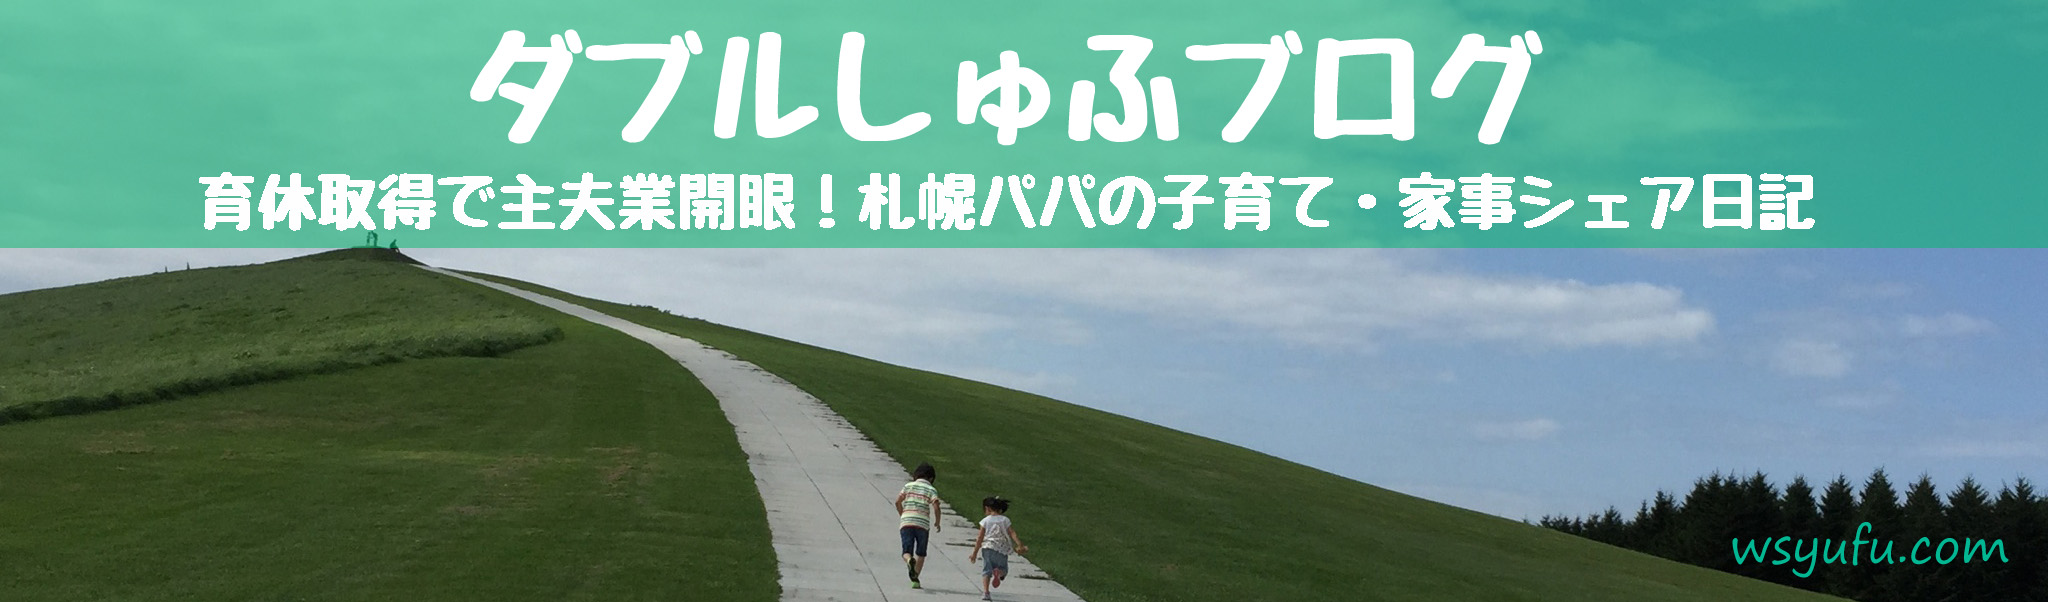 ダブルしゅふブログ|育休取得で主夫開眼した男の札幌子育て&洗濯掃除実践記